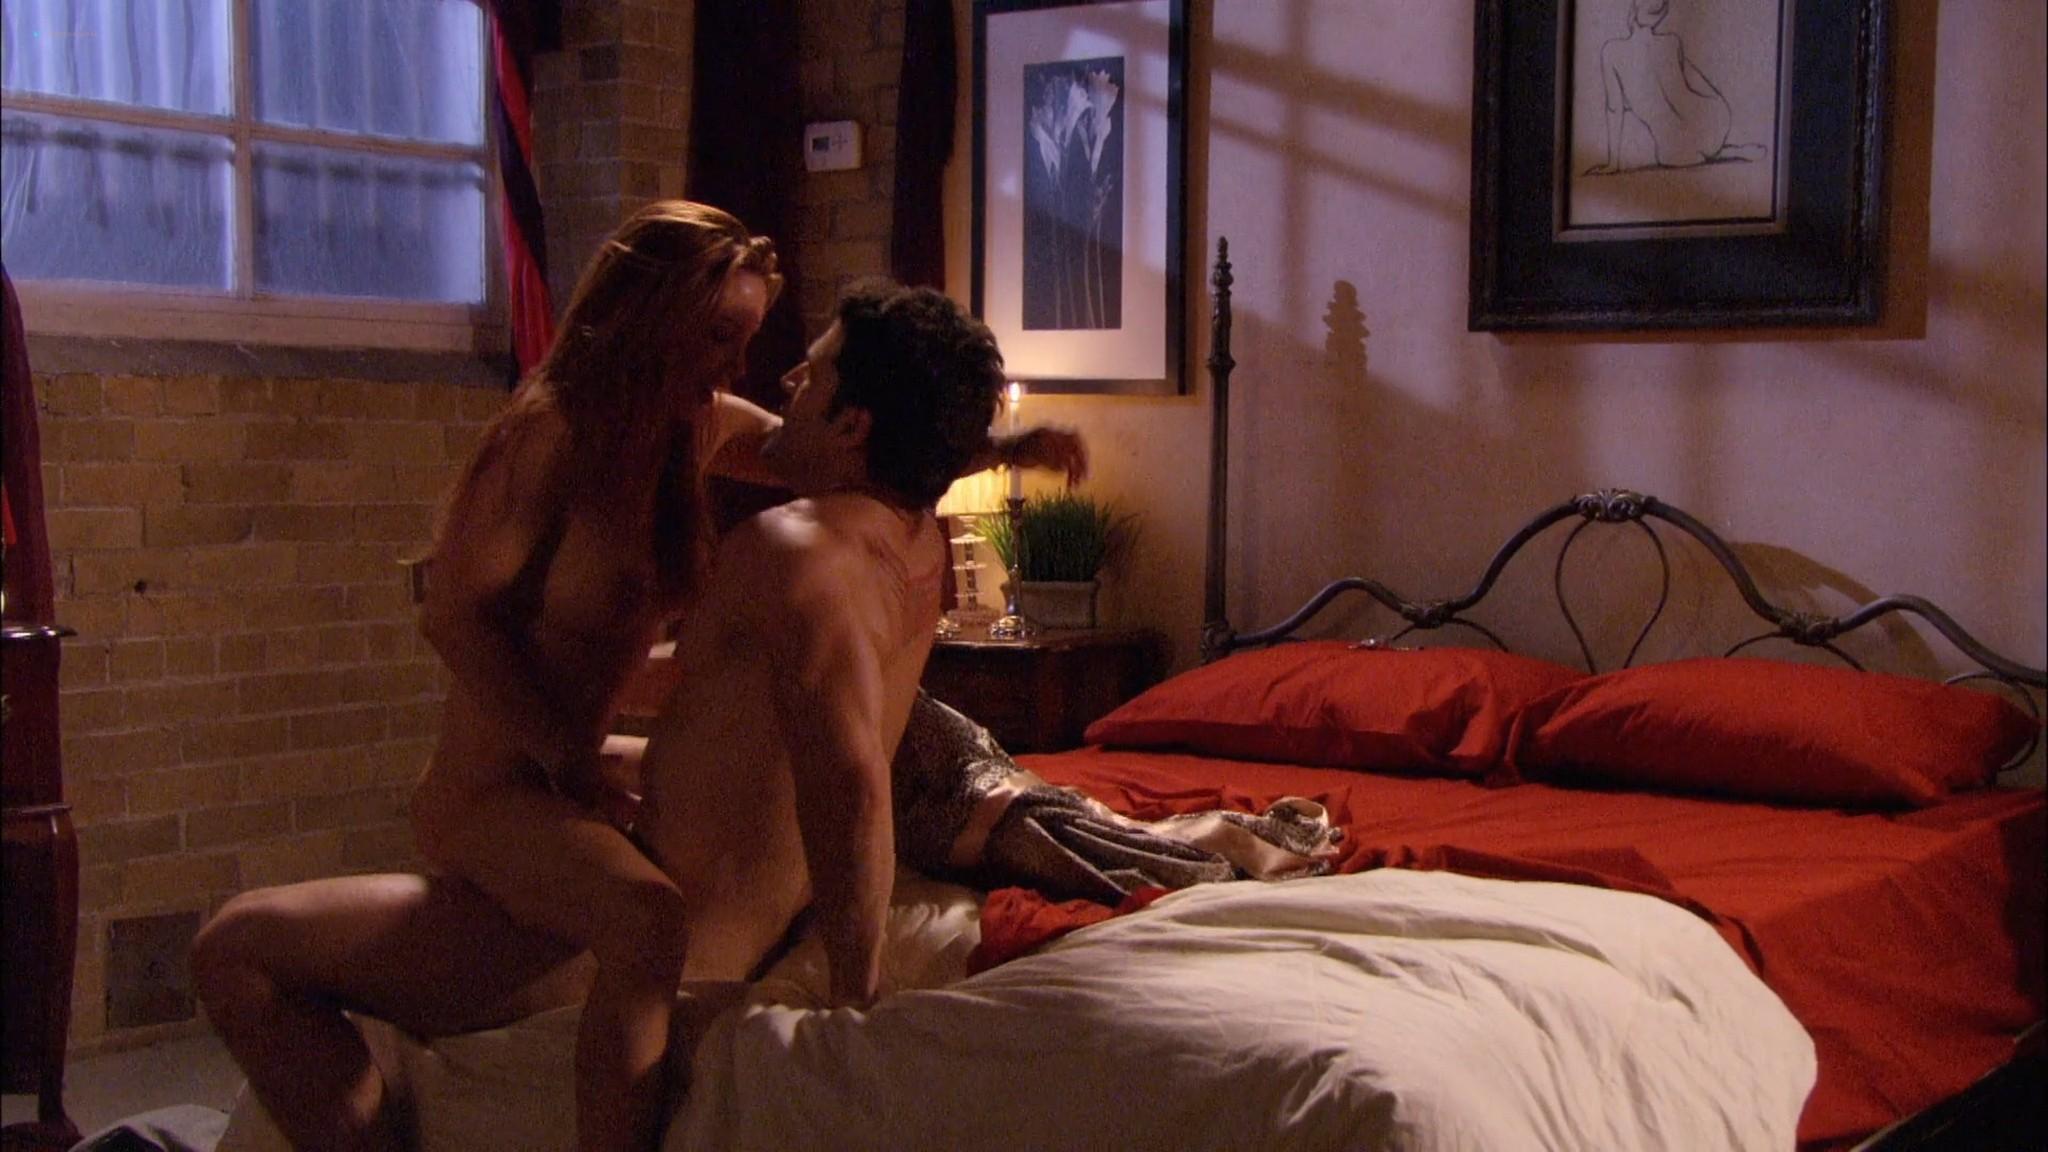 Noelle DuBois nude sex Jennifer Korbin nude sex too Lingerie 209 s2e9 1080p 17